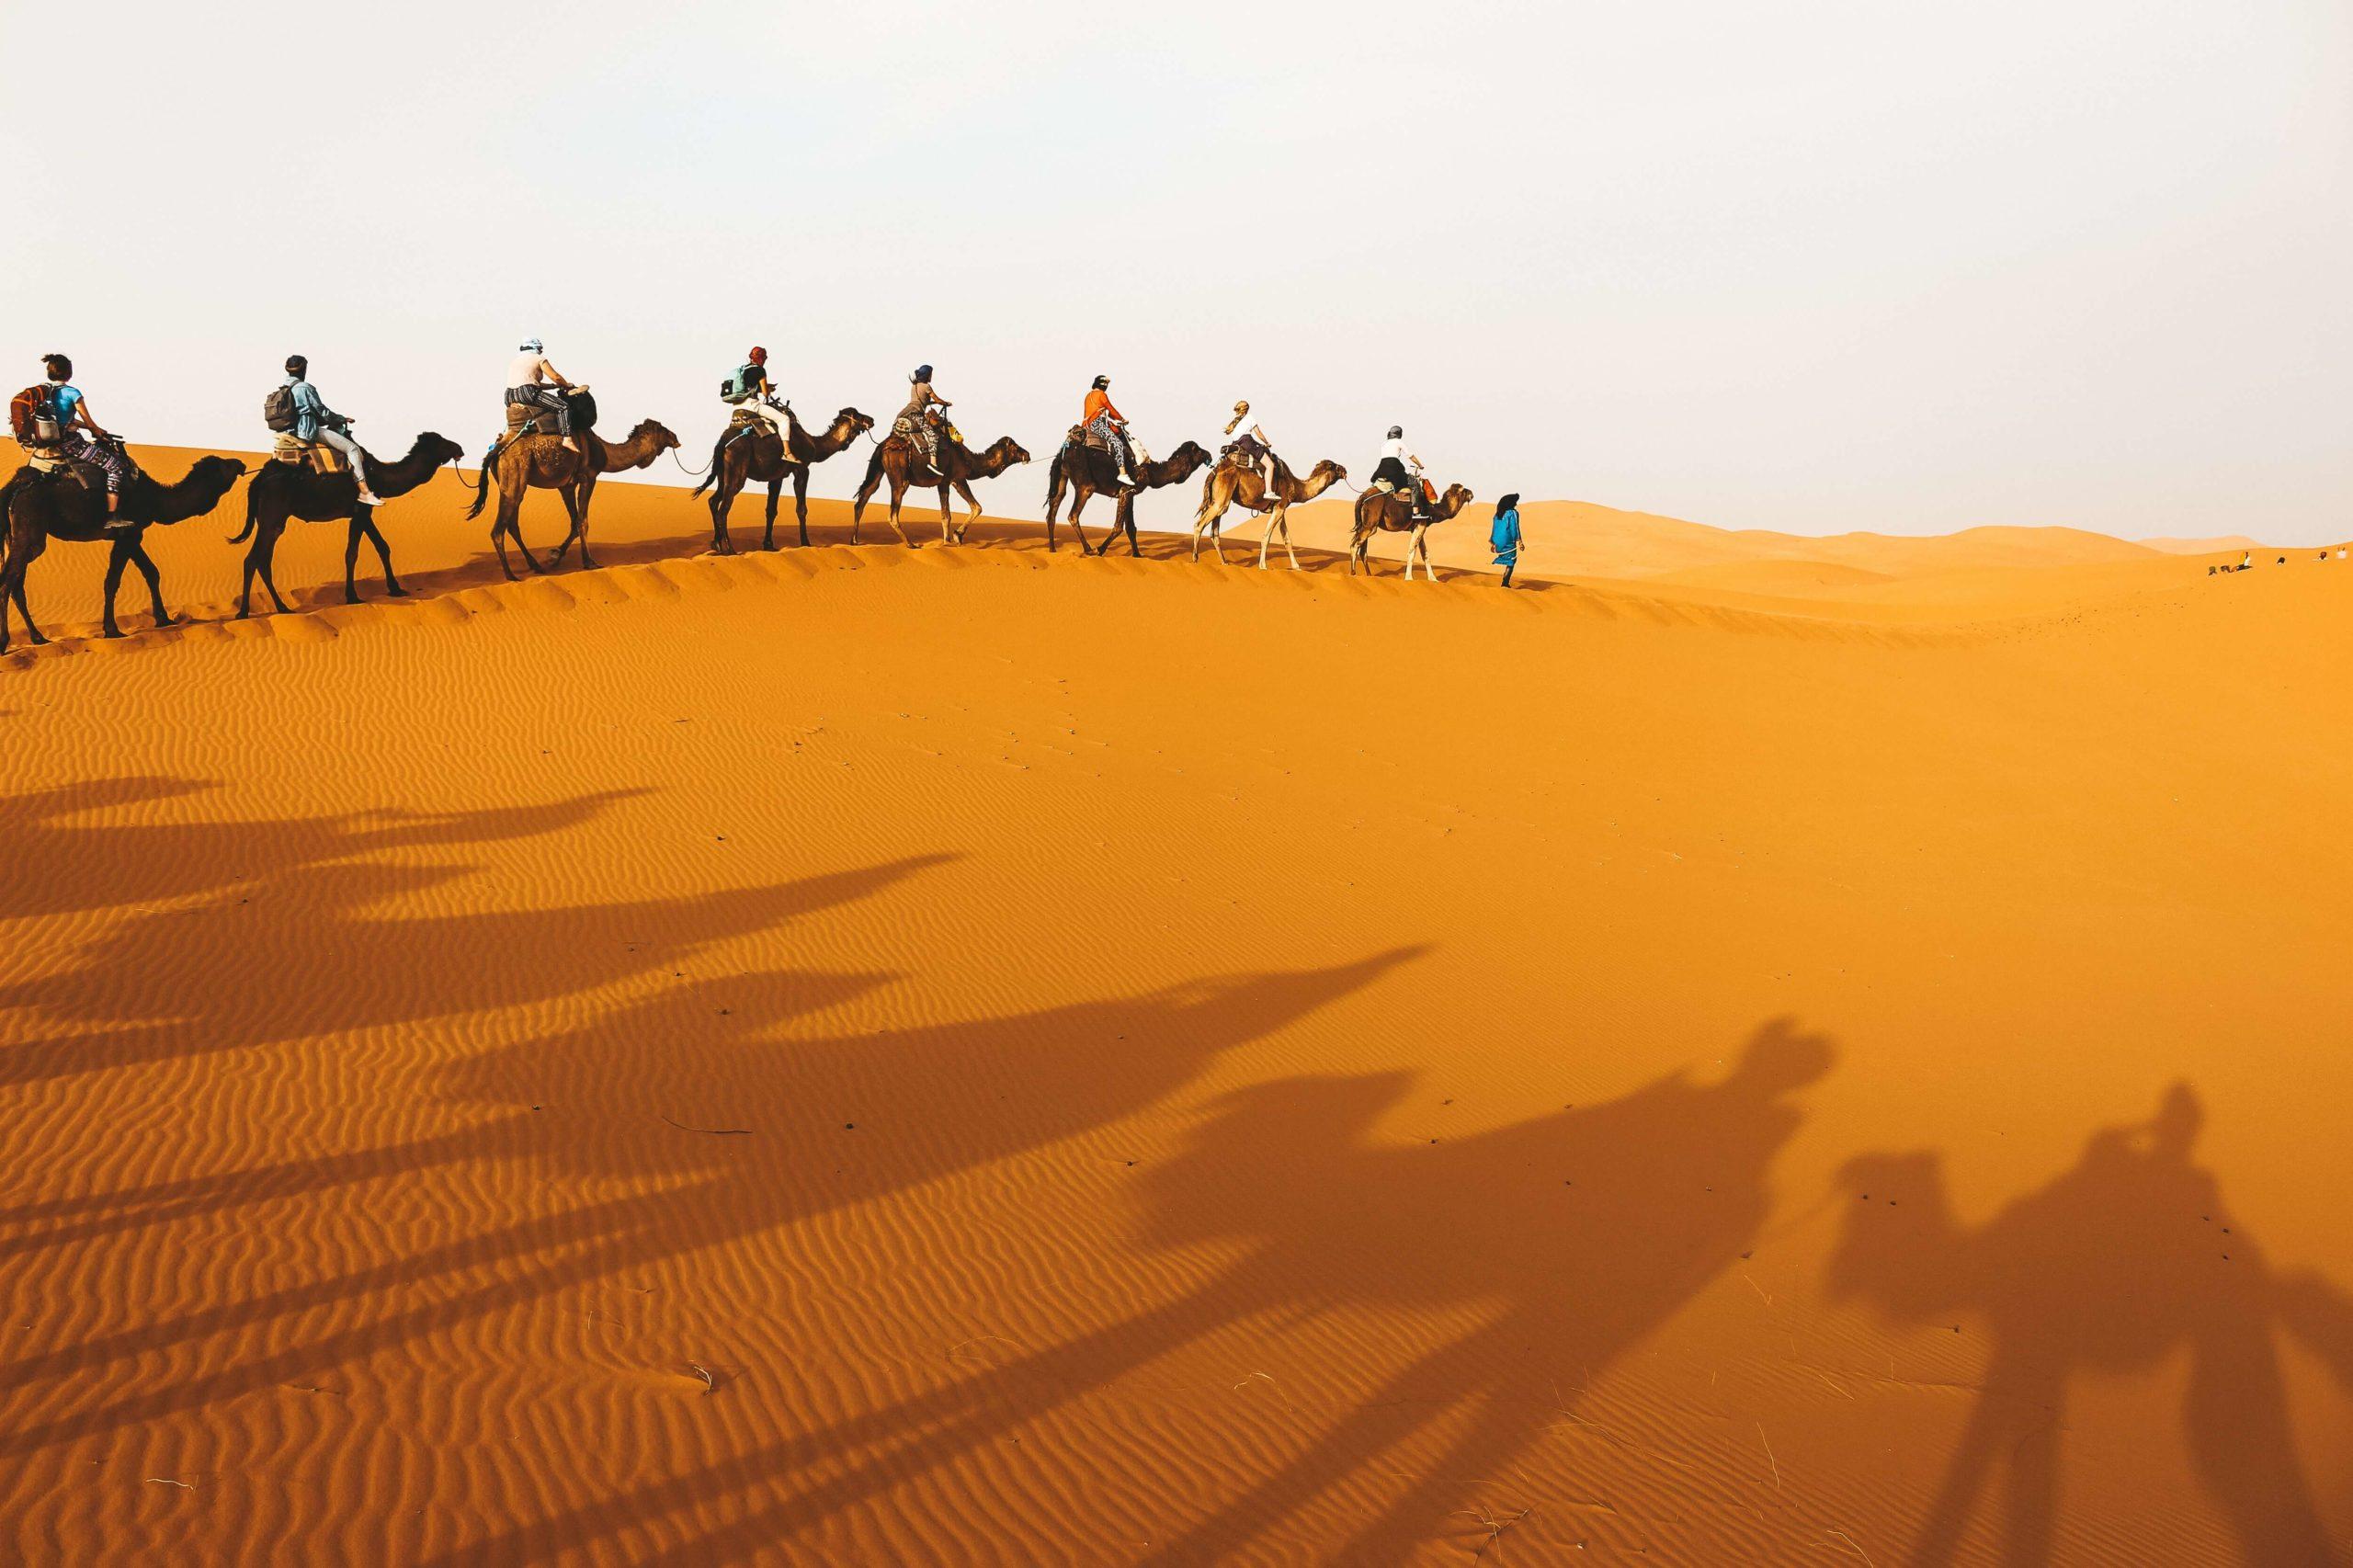 アフリカ マラケシュ モロッコ